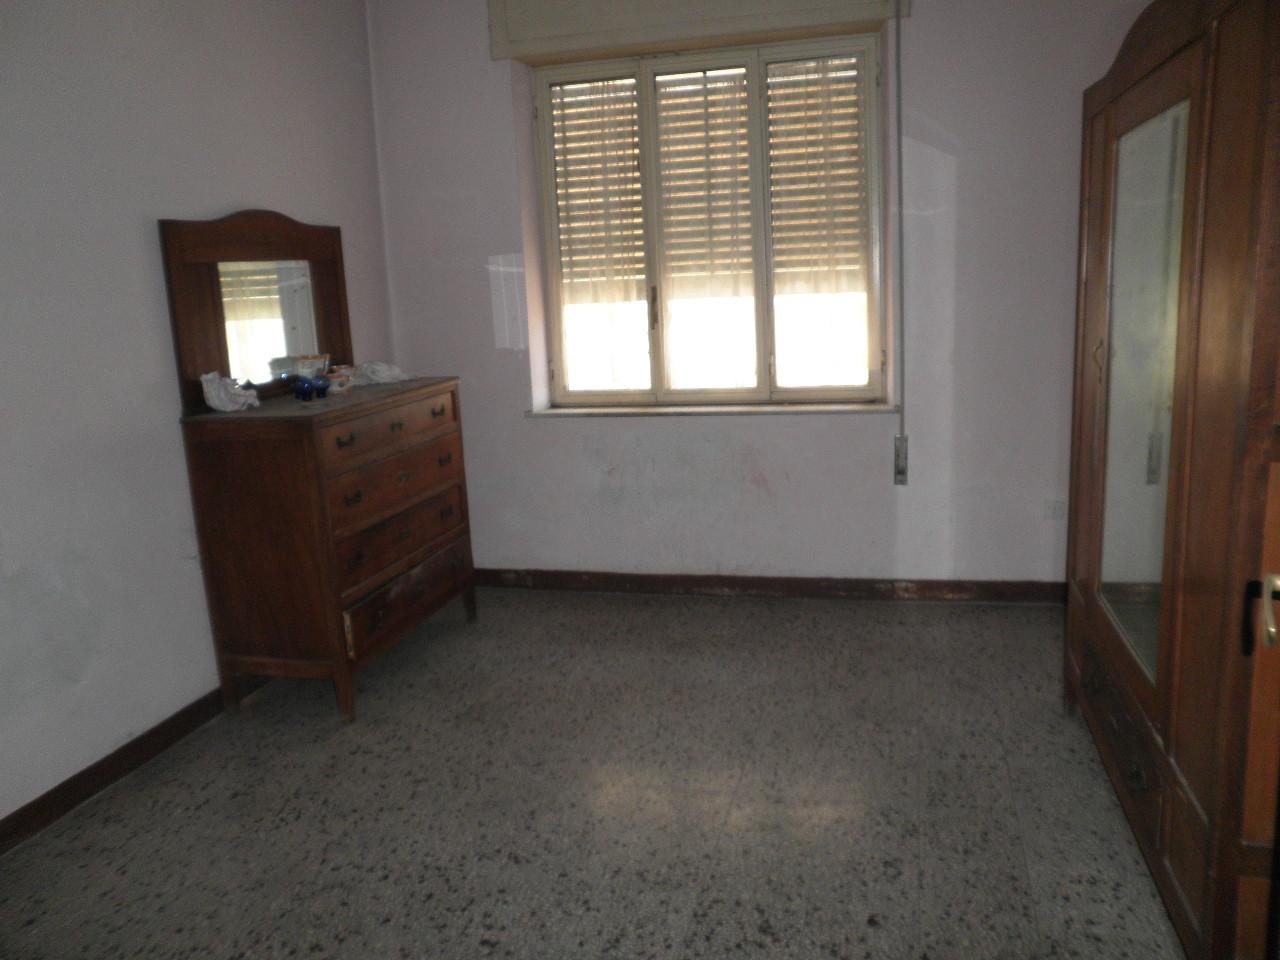 Appartamento in vendita a Catanzaro, 5 locali, zona Località: CATANZARONORD, prezzo € 180.000 | Cambio Casa.it